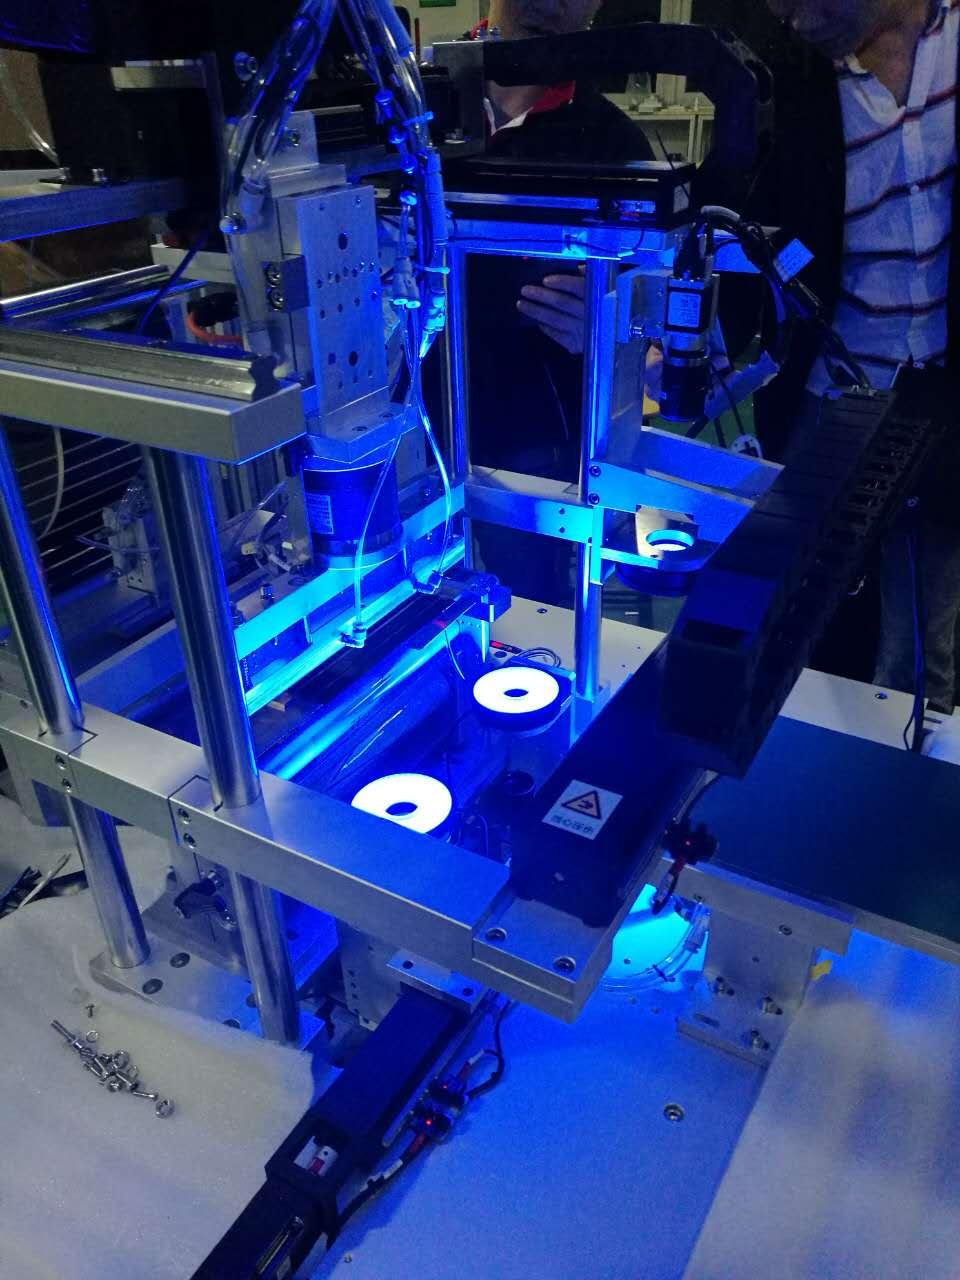 CCD视觉系统(手机背光源定位贴合)-机器视觉_视觉检测设备_3D视觉_缺陷检测